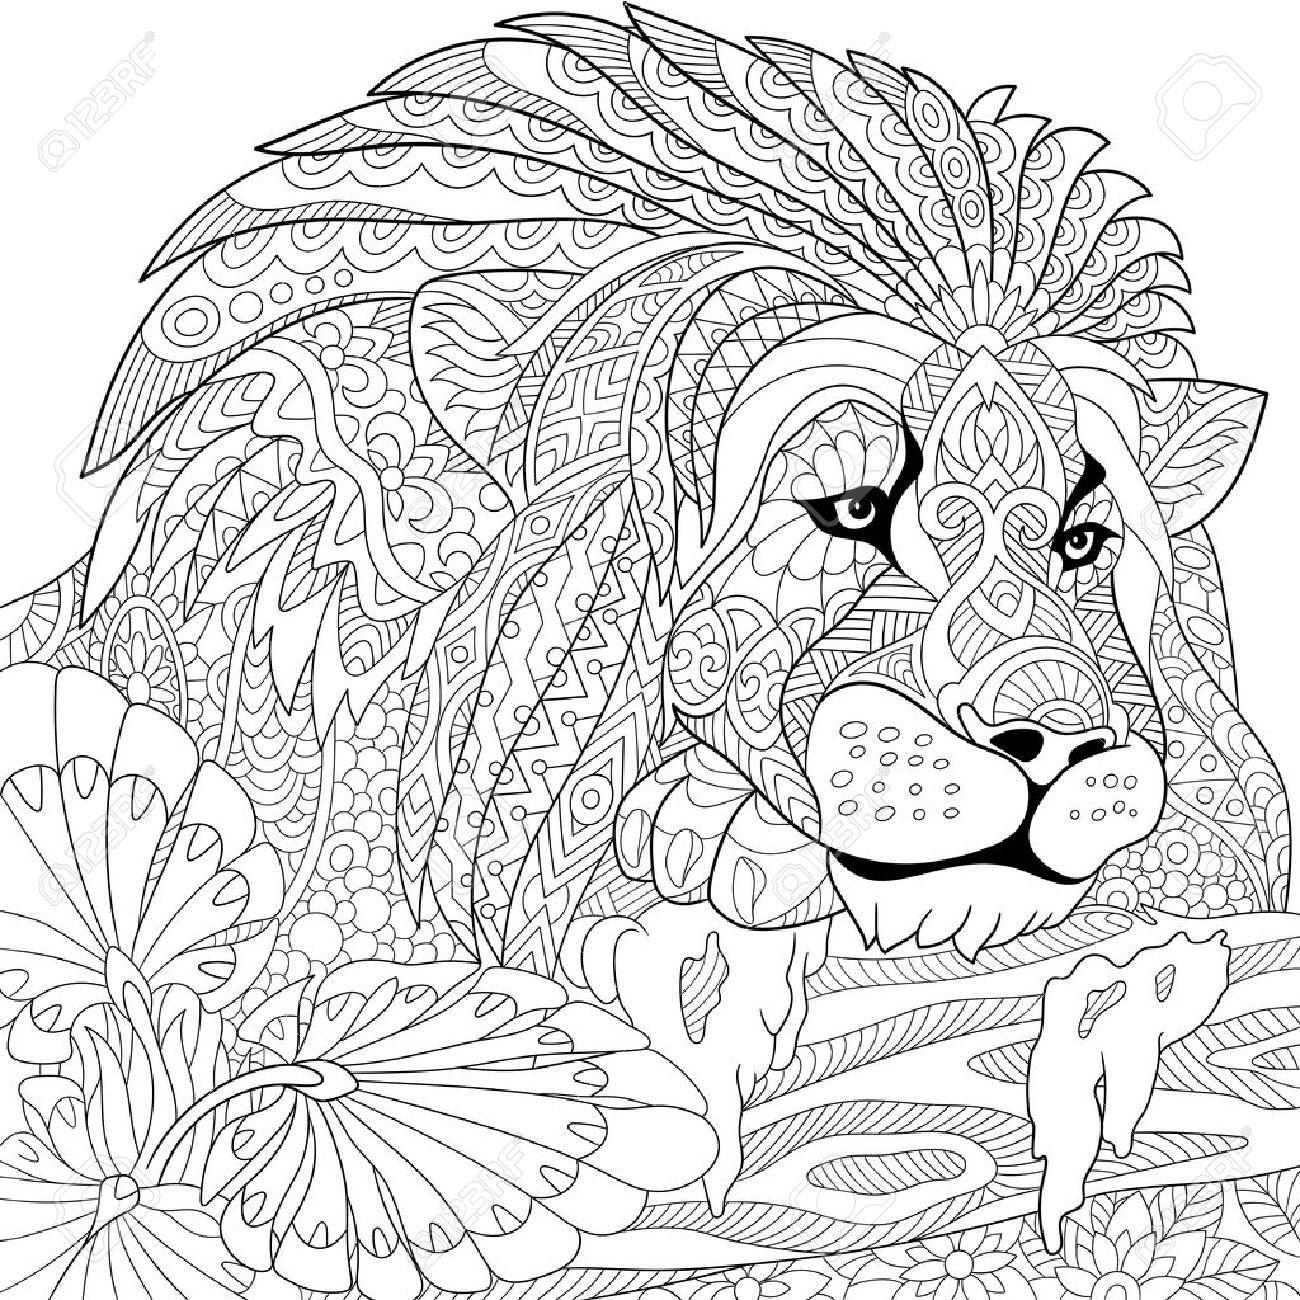 stylized cartoon lion (wild cat, leo zodiac) - 56874138